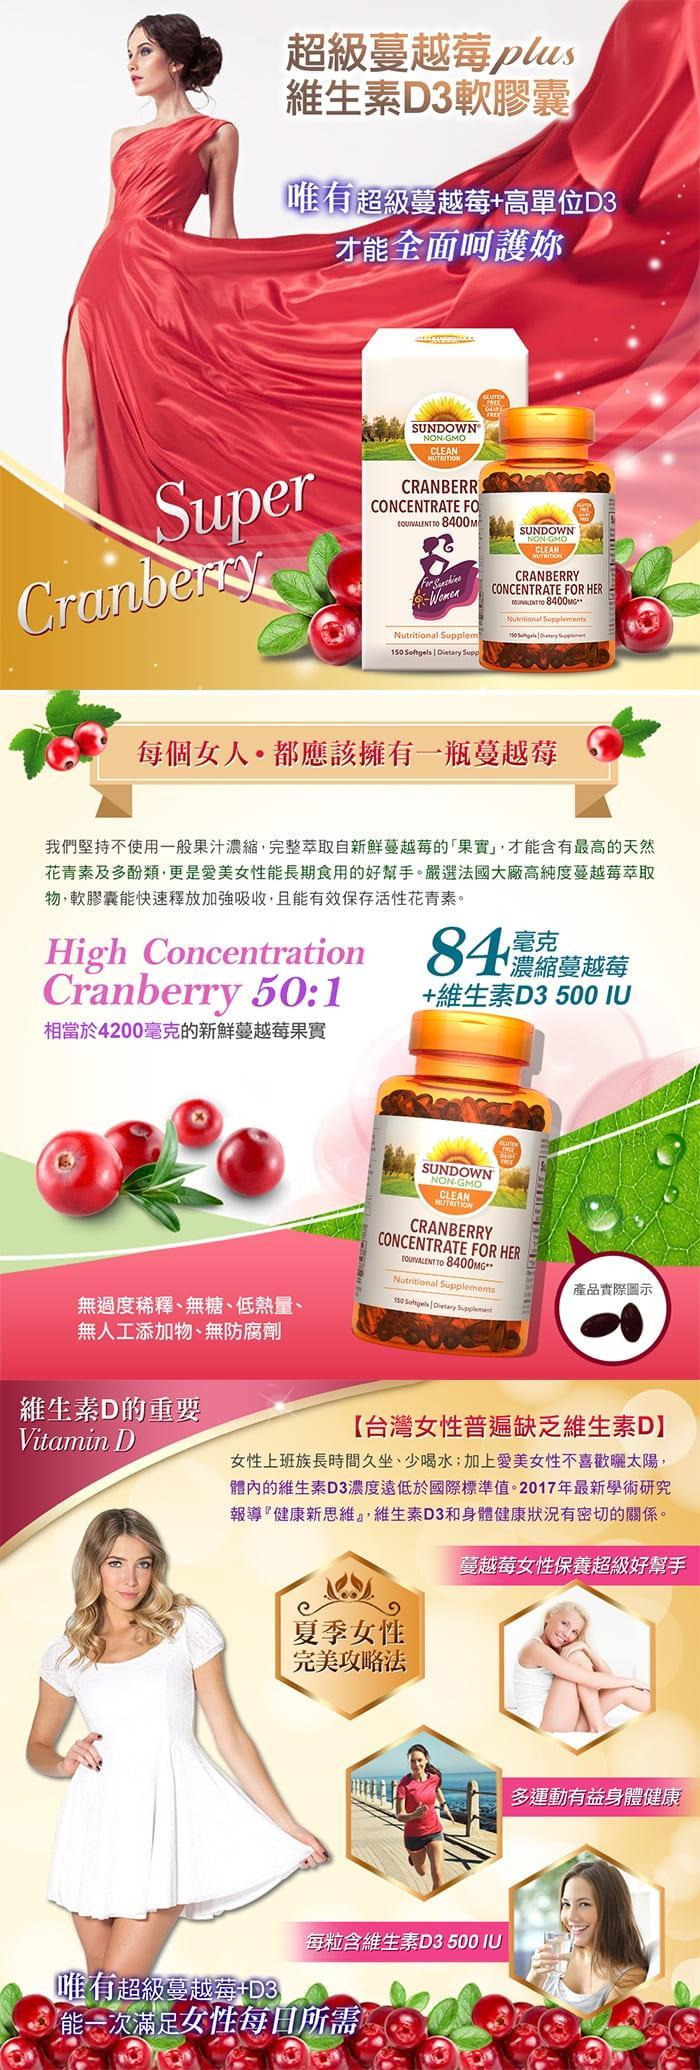 Sundown日落恩賜-超級蔓越莓plus維生素D3軟膠囊(150粒_150天份)(效期至2021年11月30日)產品資訊